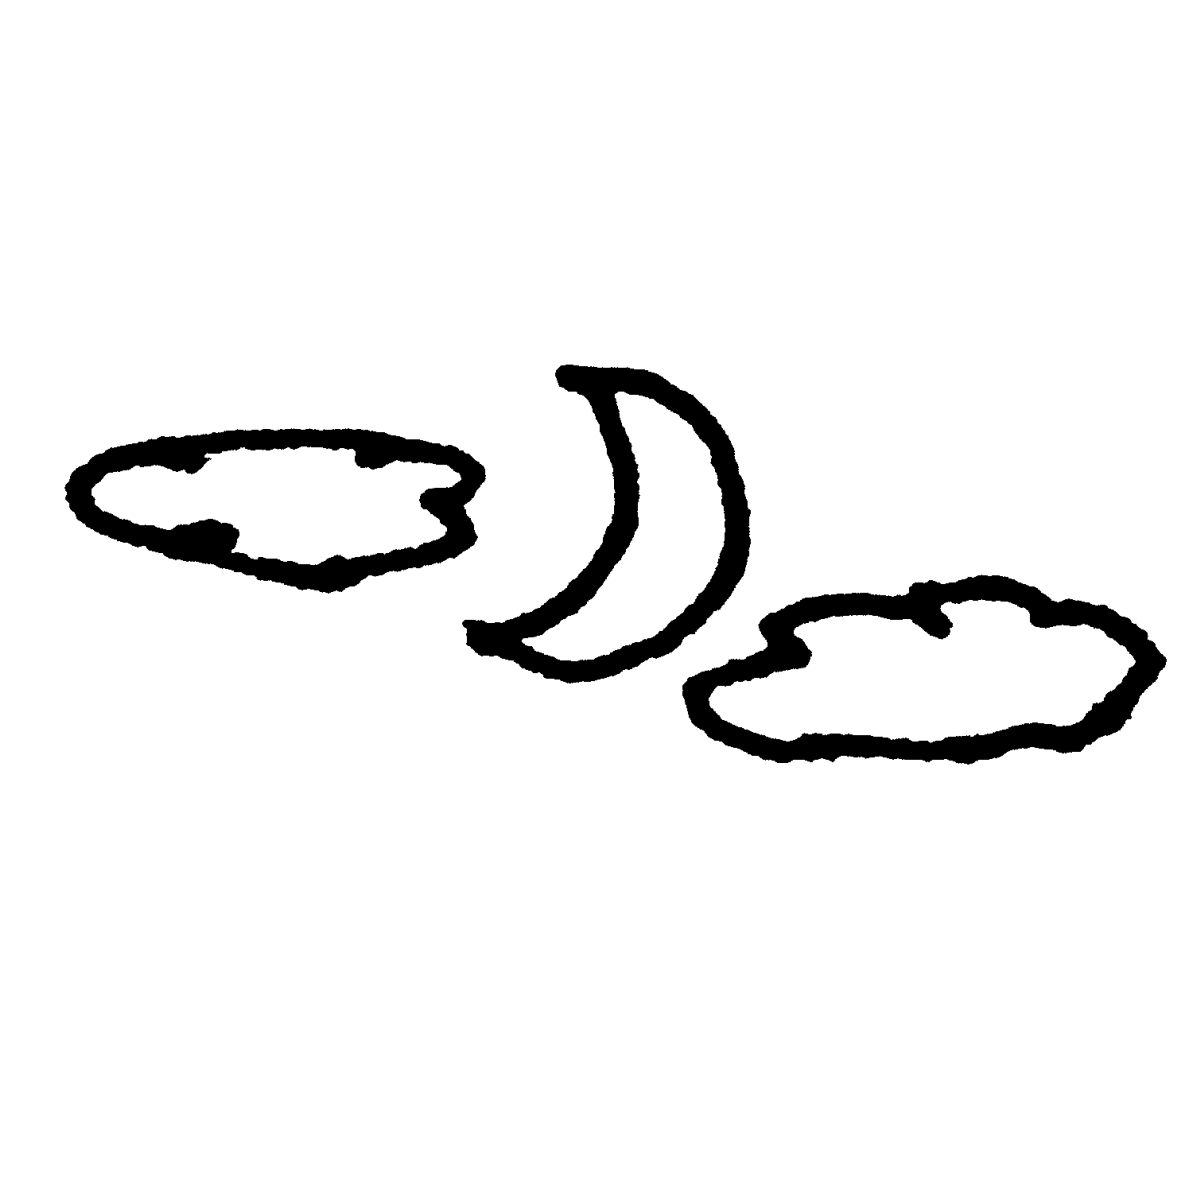 月と雲のイラスト / Moon and Clouds Illustration